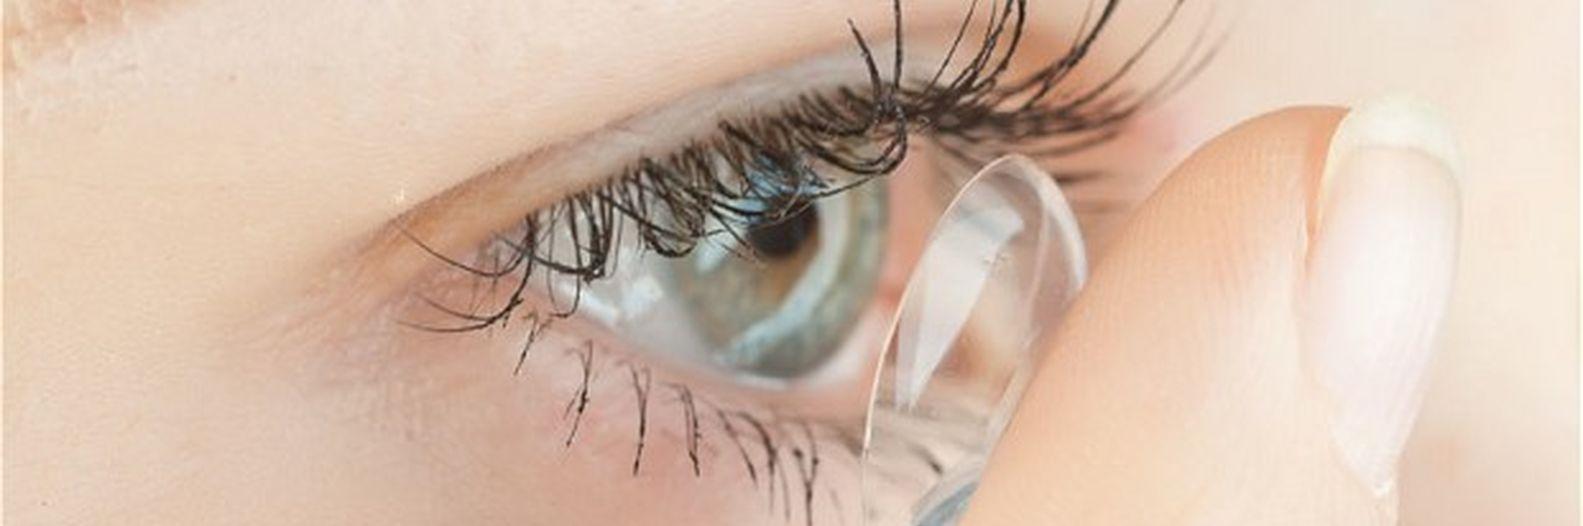 Mes lentilles de contact : je ne peux plus m'en passer